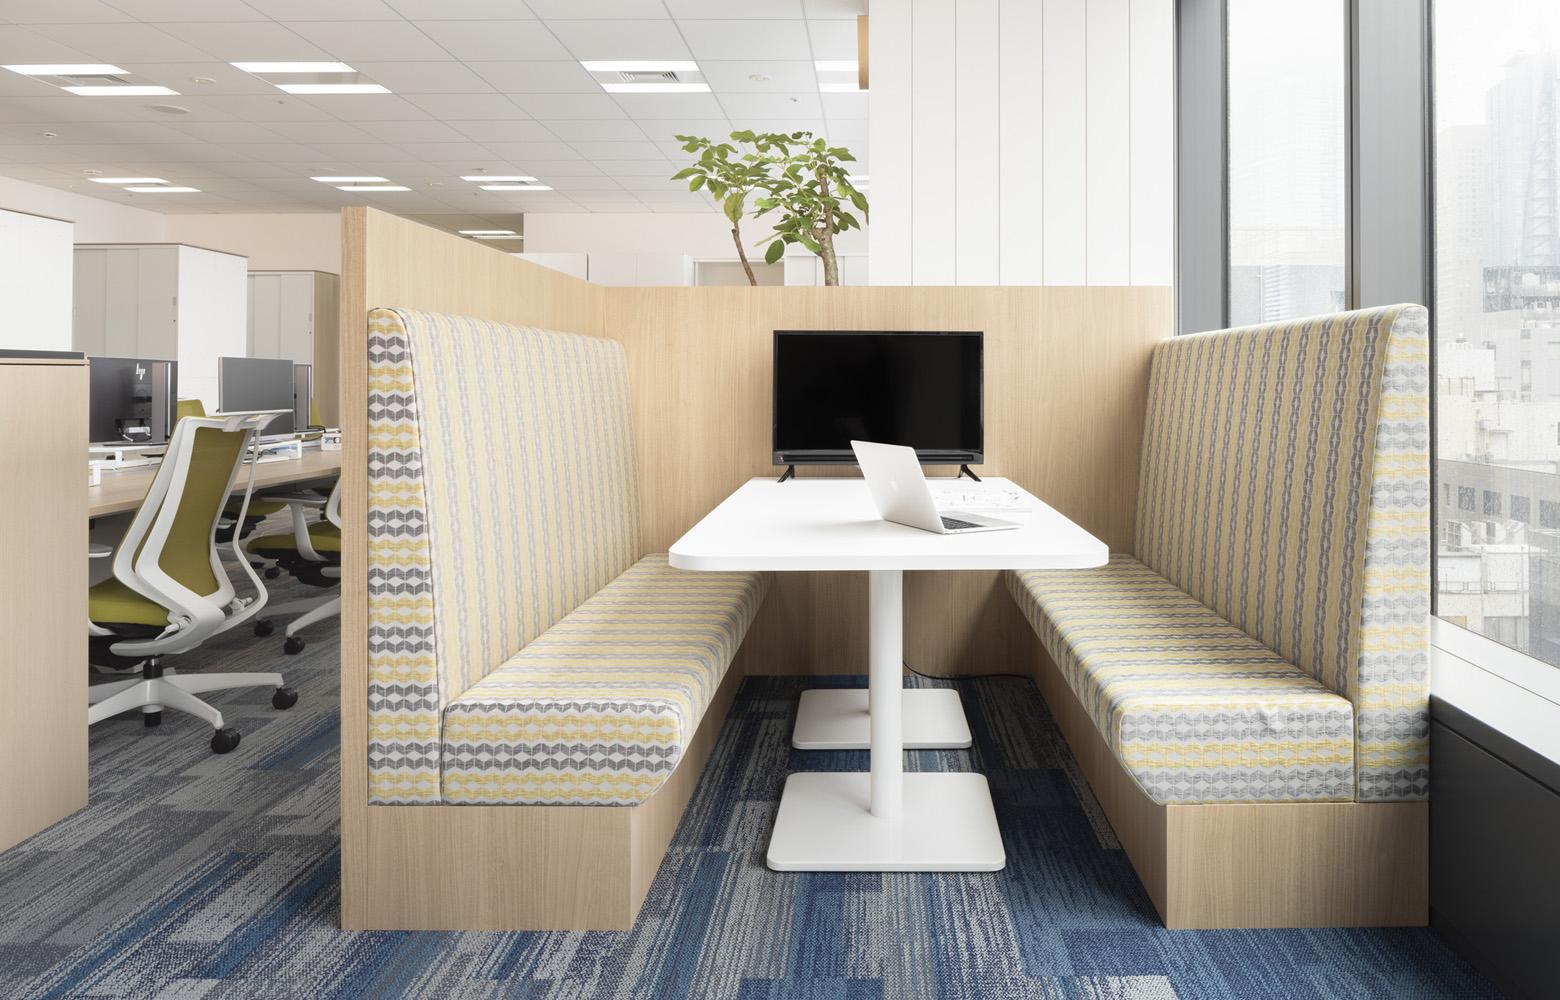 東洋アルミニウム株式会社 Original Box Sofa デザイン・レイアウト事例